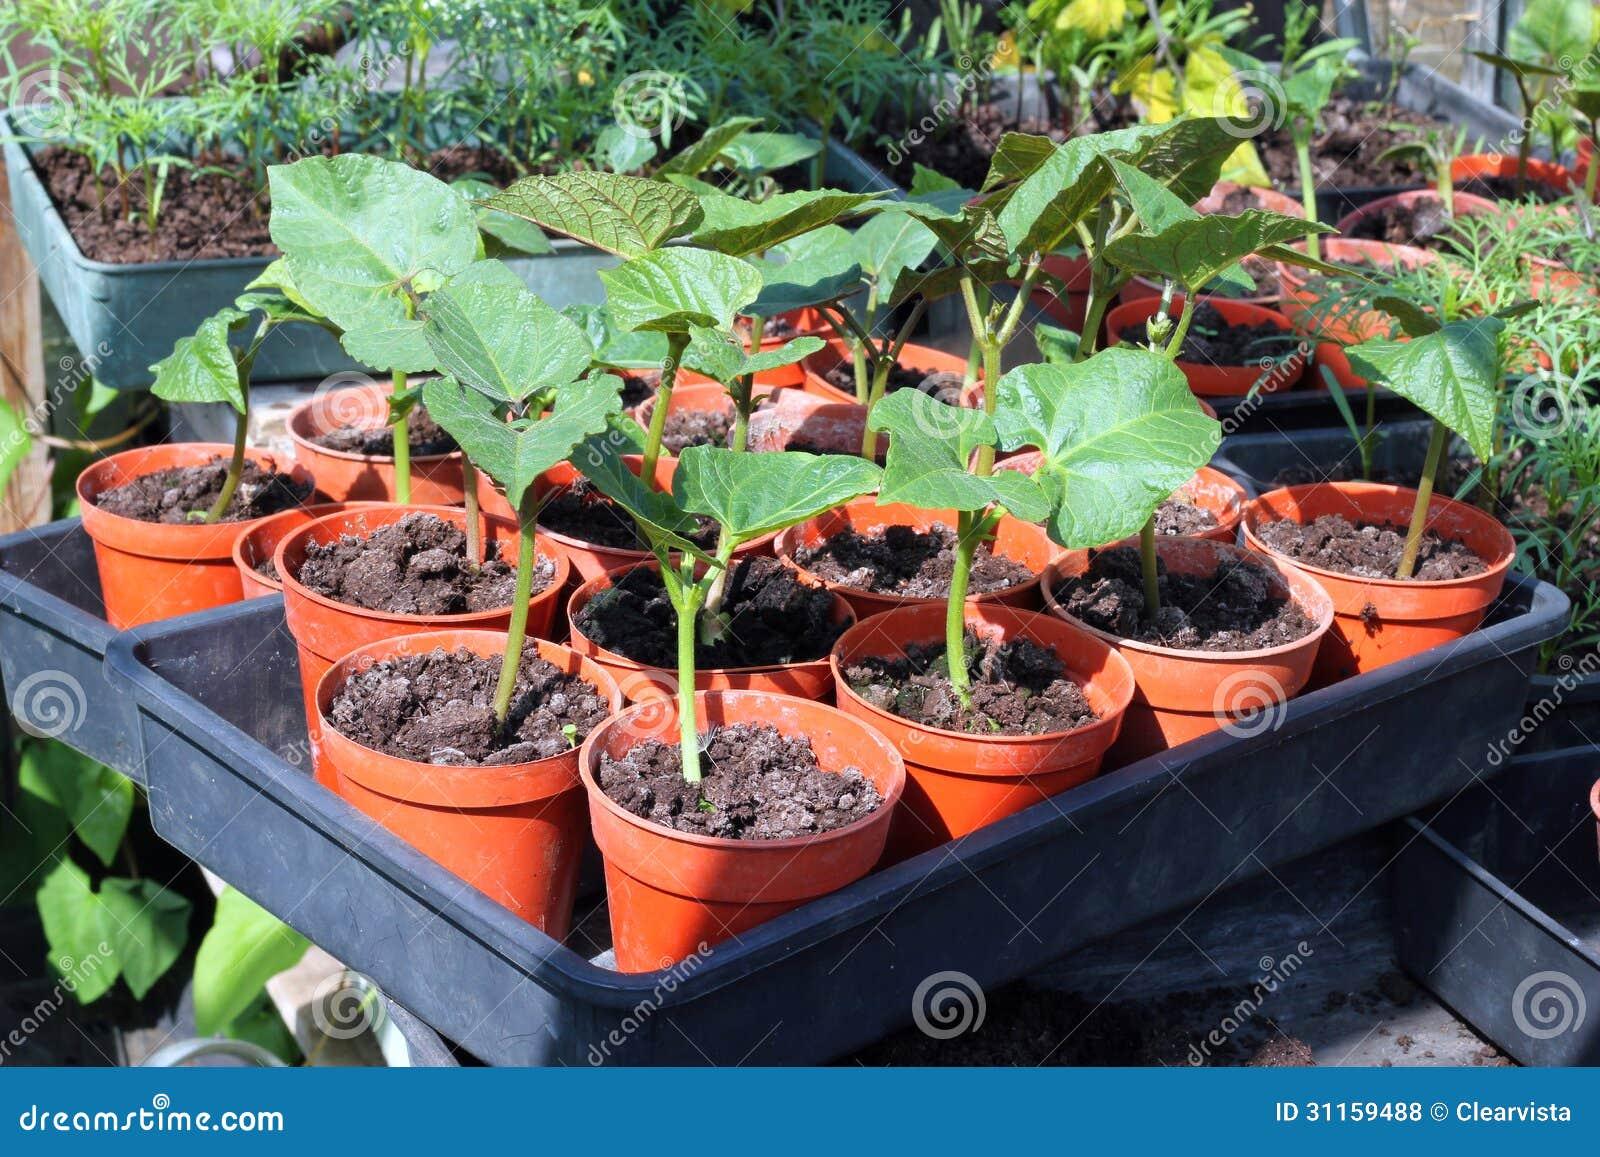 Bean plants in pots.